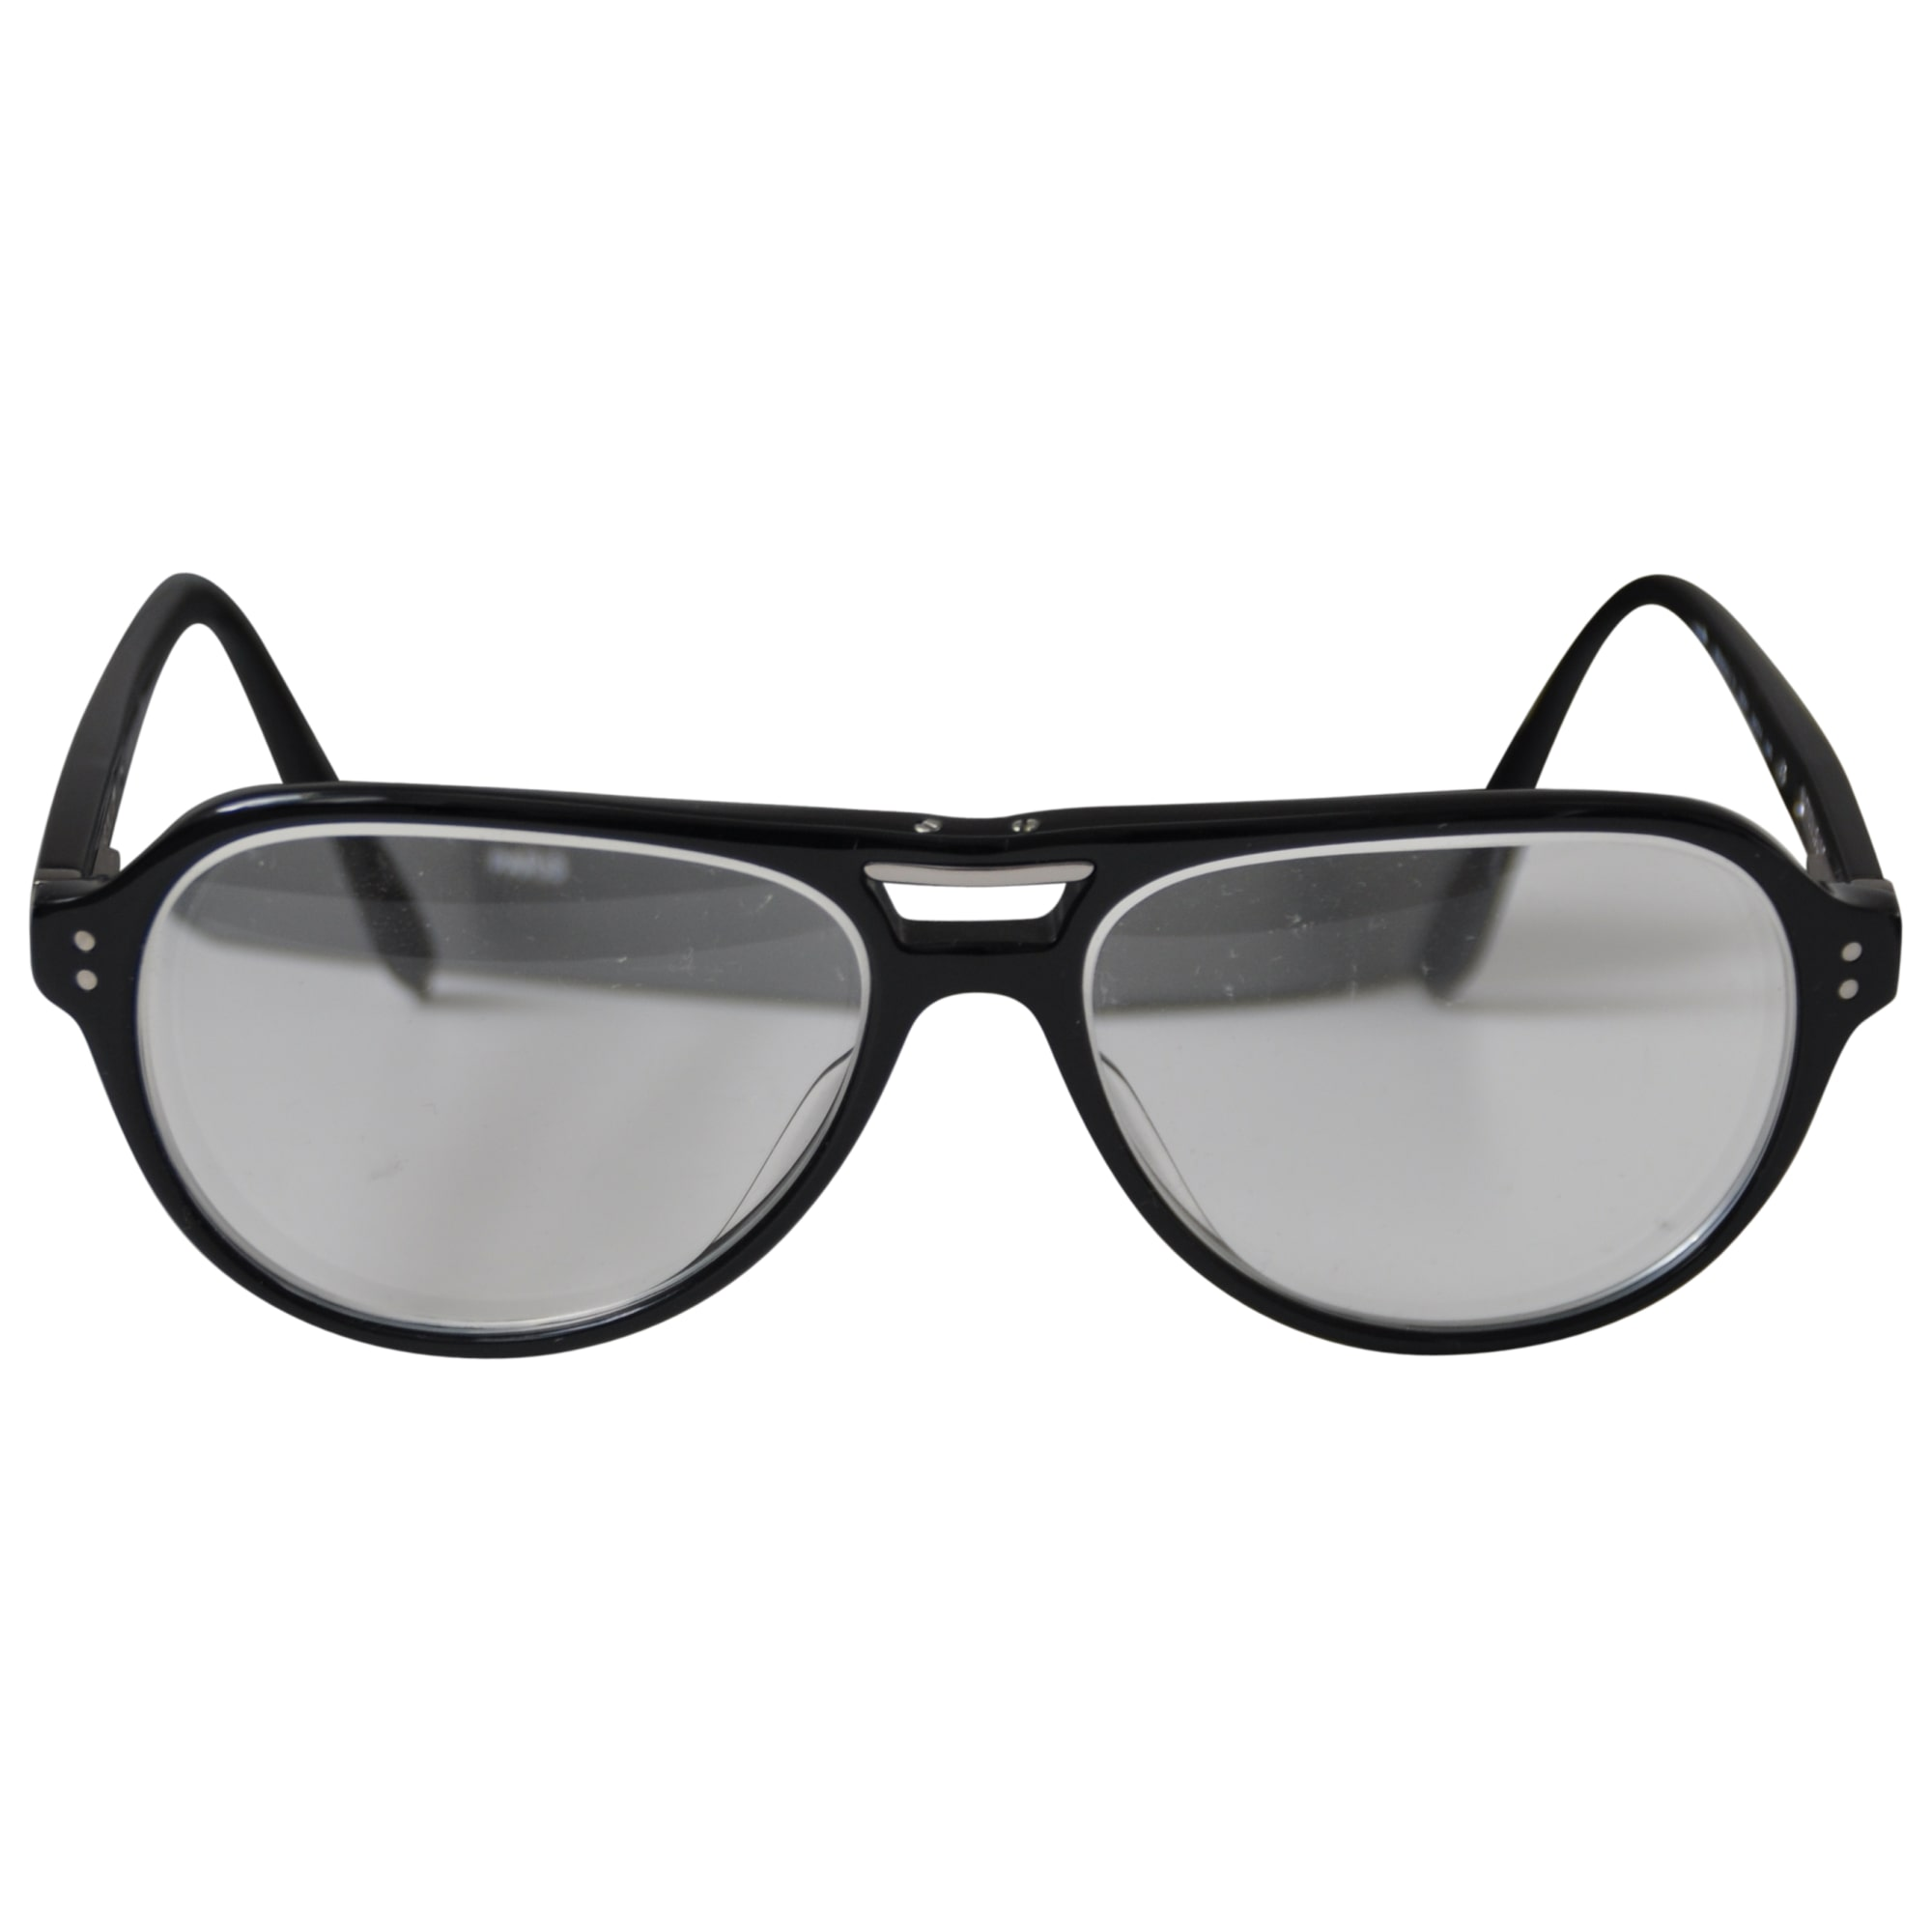 Monture de lunettes PAUL   JOE noir vendu par Miliee187552 - 4218059 39728995a26f